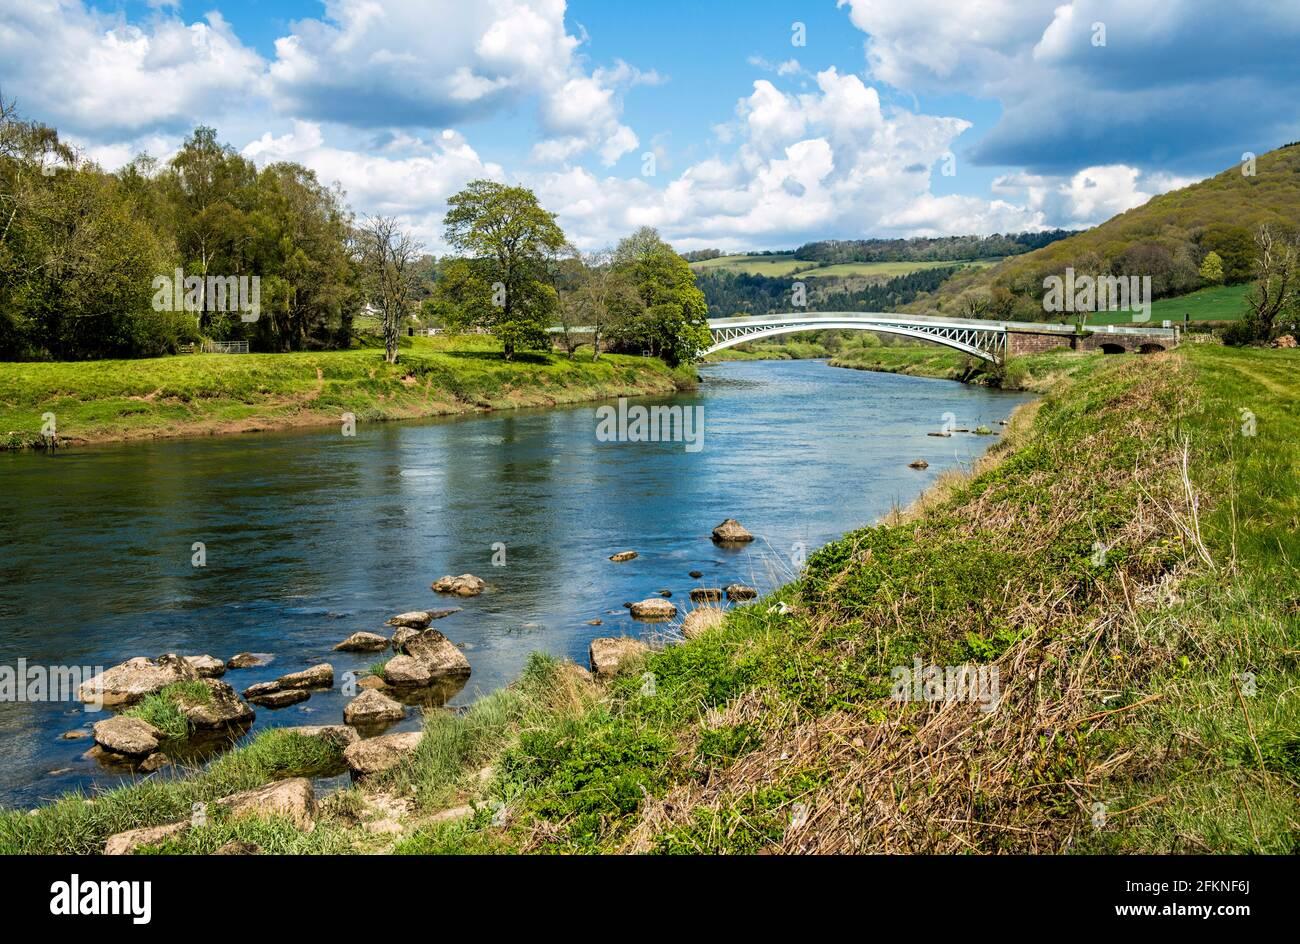 Ponte Bigswir che attraversa il fiume Wye, dove il fiume è il confine con il Galles dell'Inghilterra. Un bel giorno di primavera ad aprile. Foto Stock